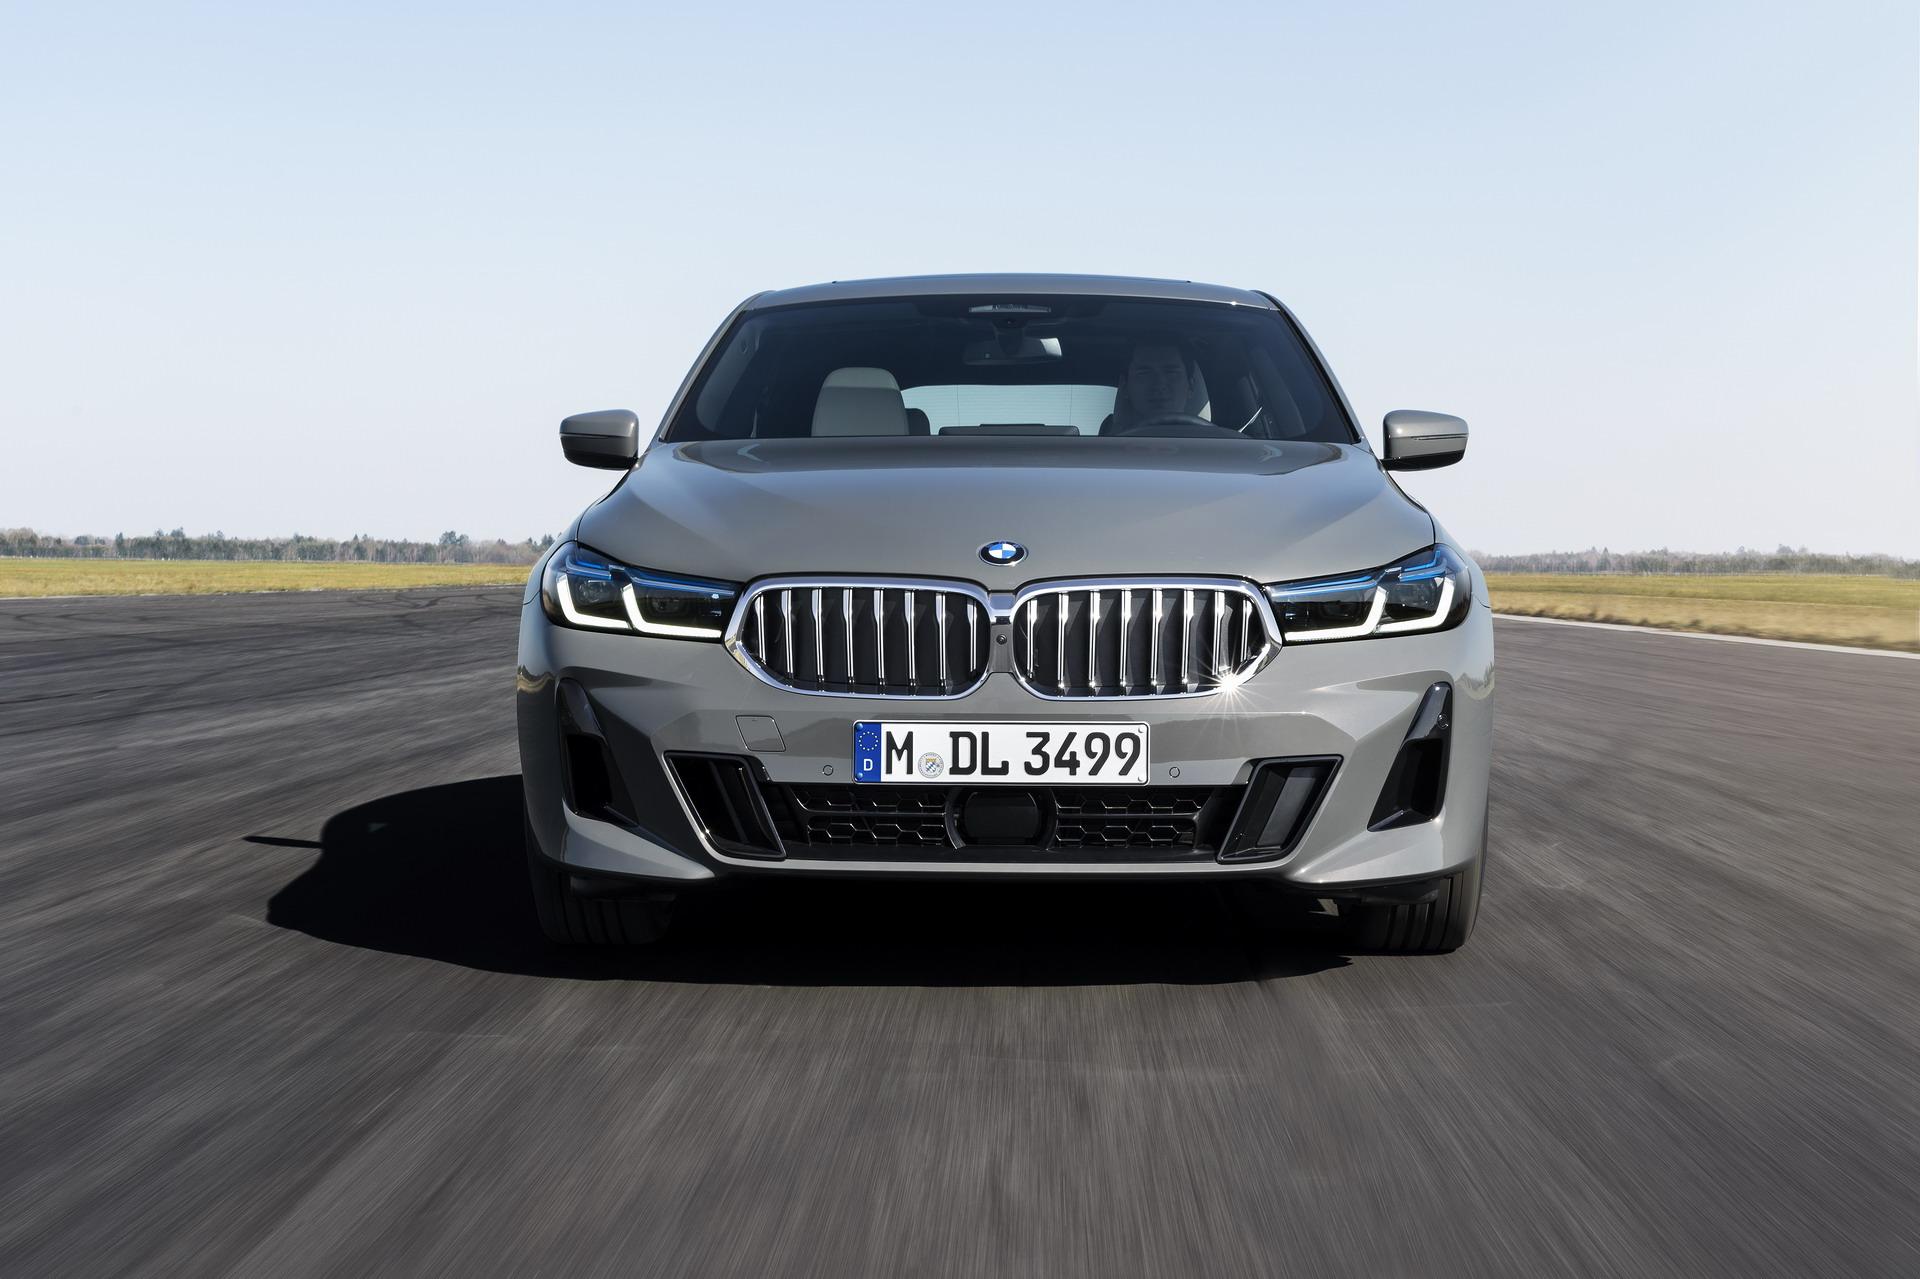 The New BMW 640i xDrive GT G32 LCI 1